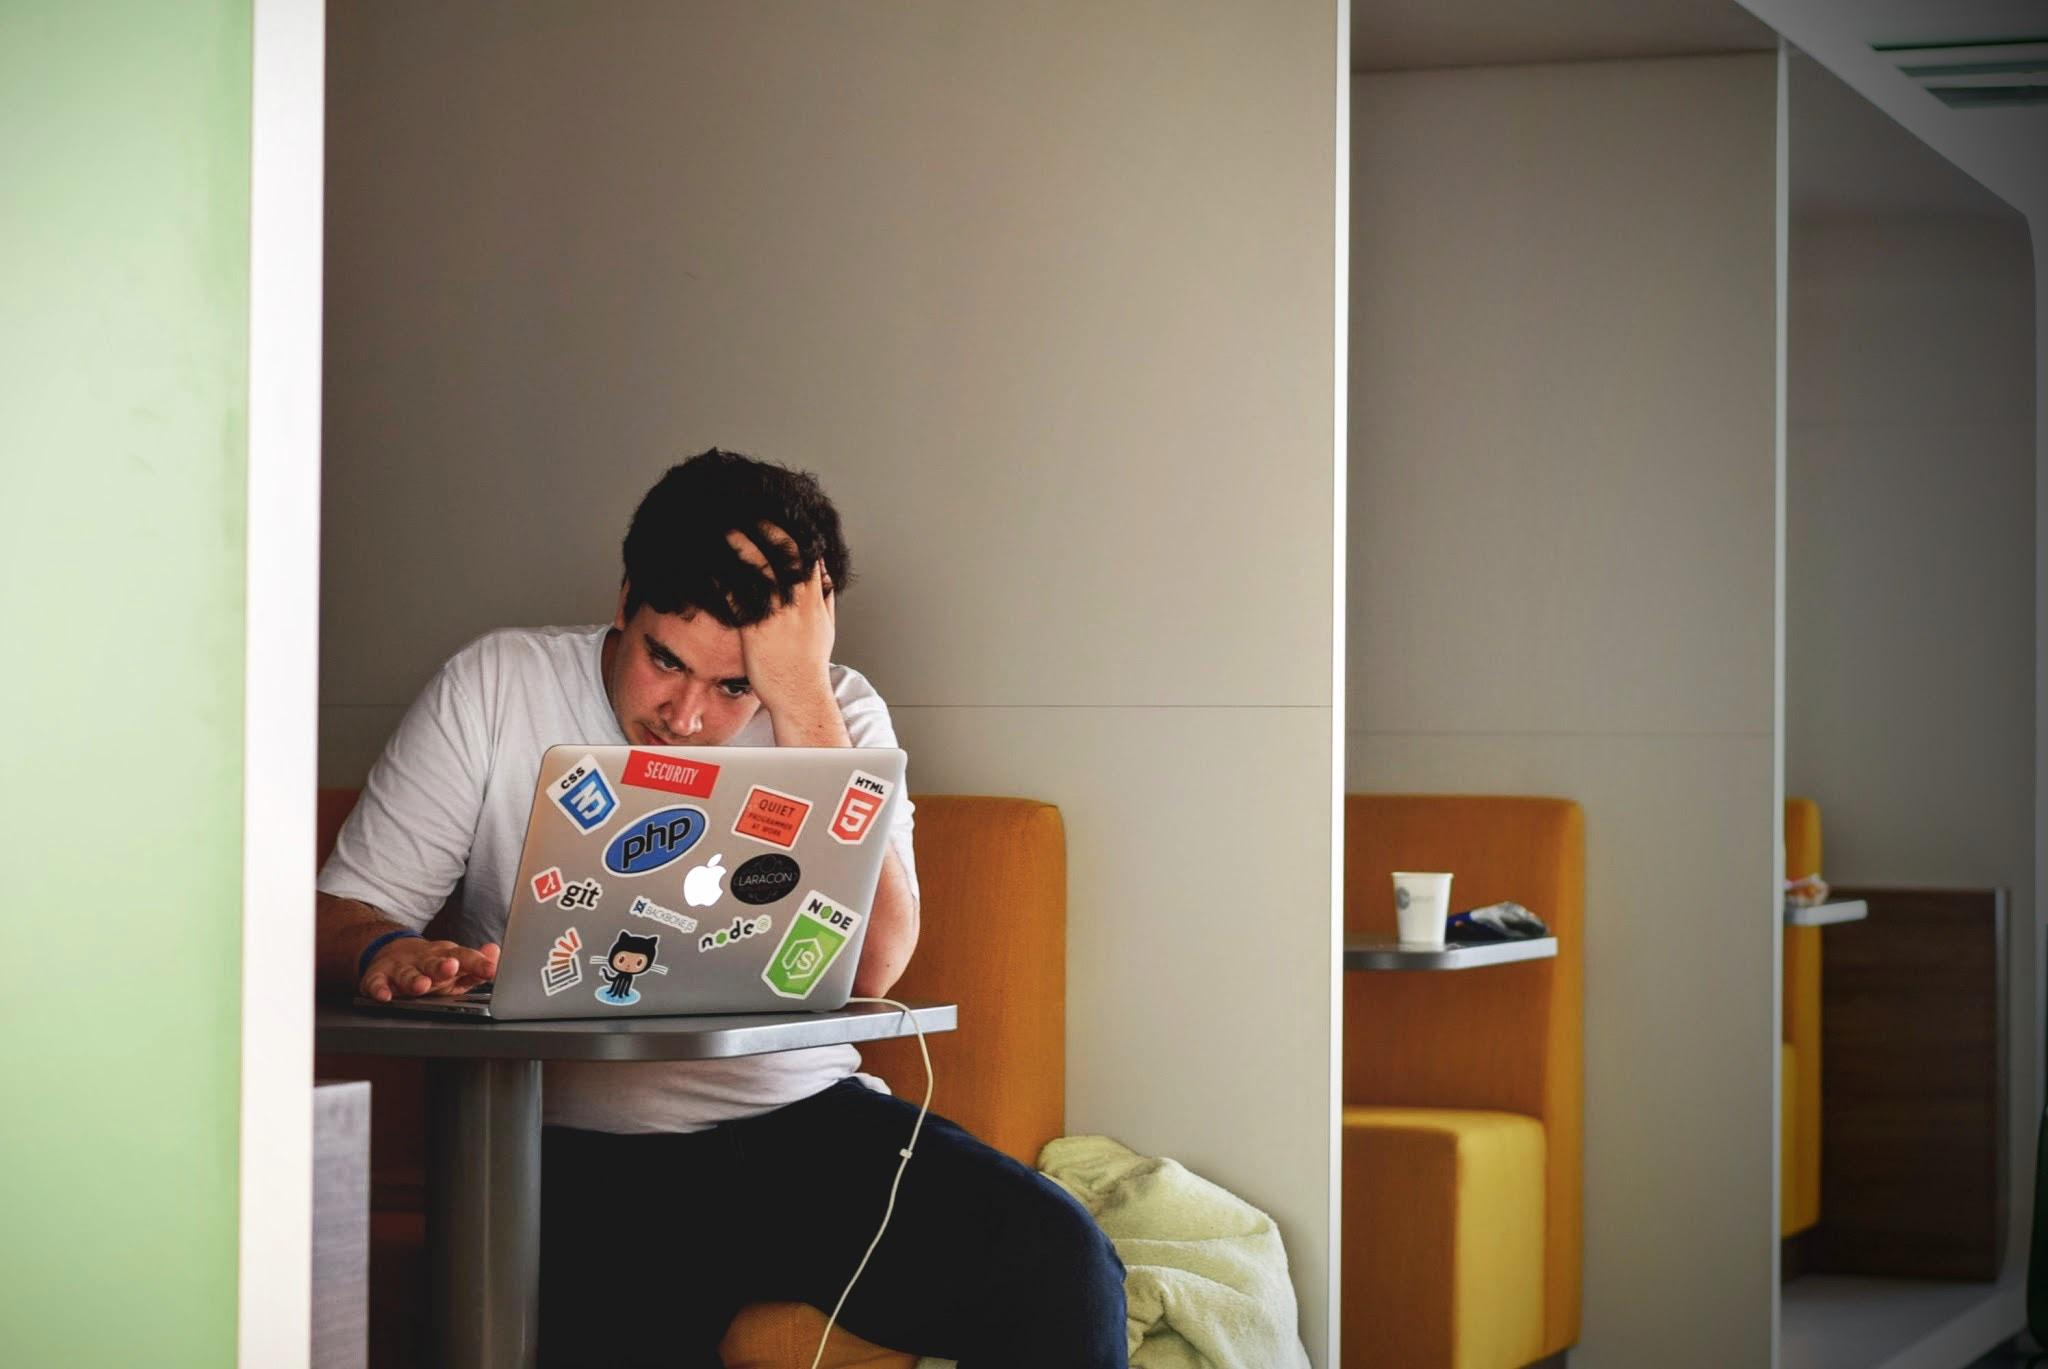 Ein junger Mann sitzt vor einem Laptop und hält sich angestrengt den Kopf